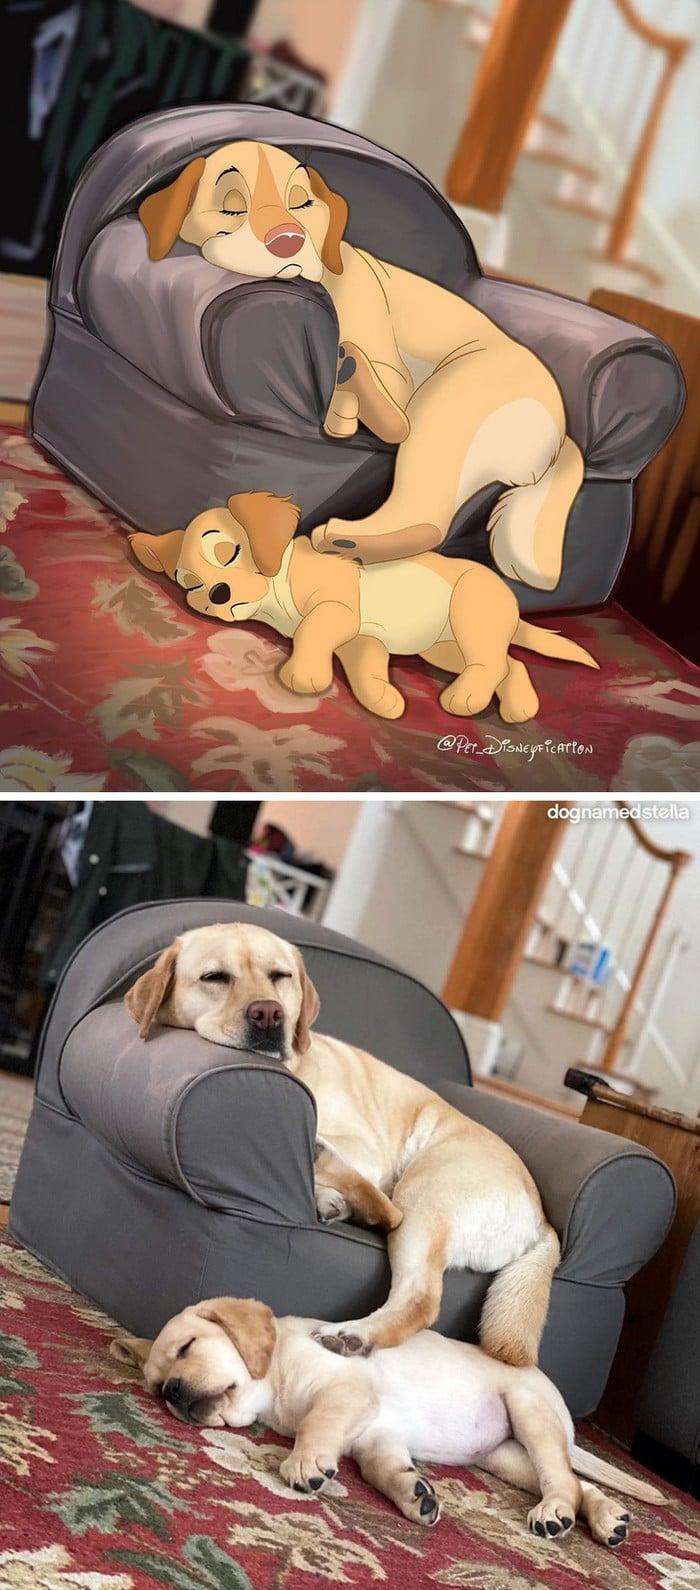 Ilustrador transforma fotos de animais de estimação em criações mágicas no estilo Disney (18 fotos) 15